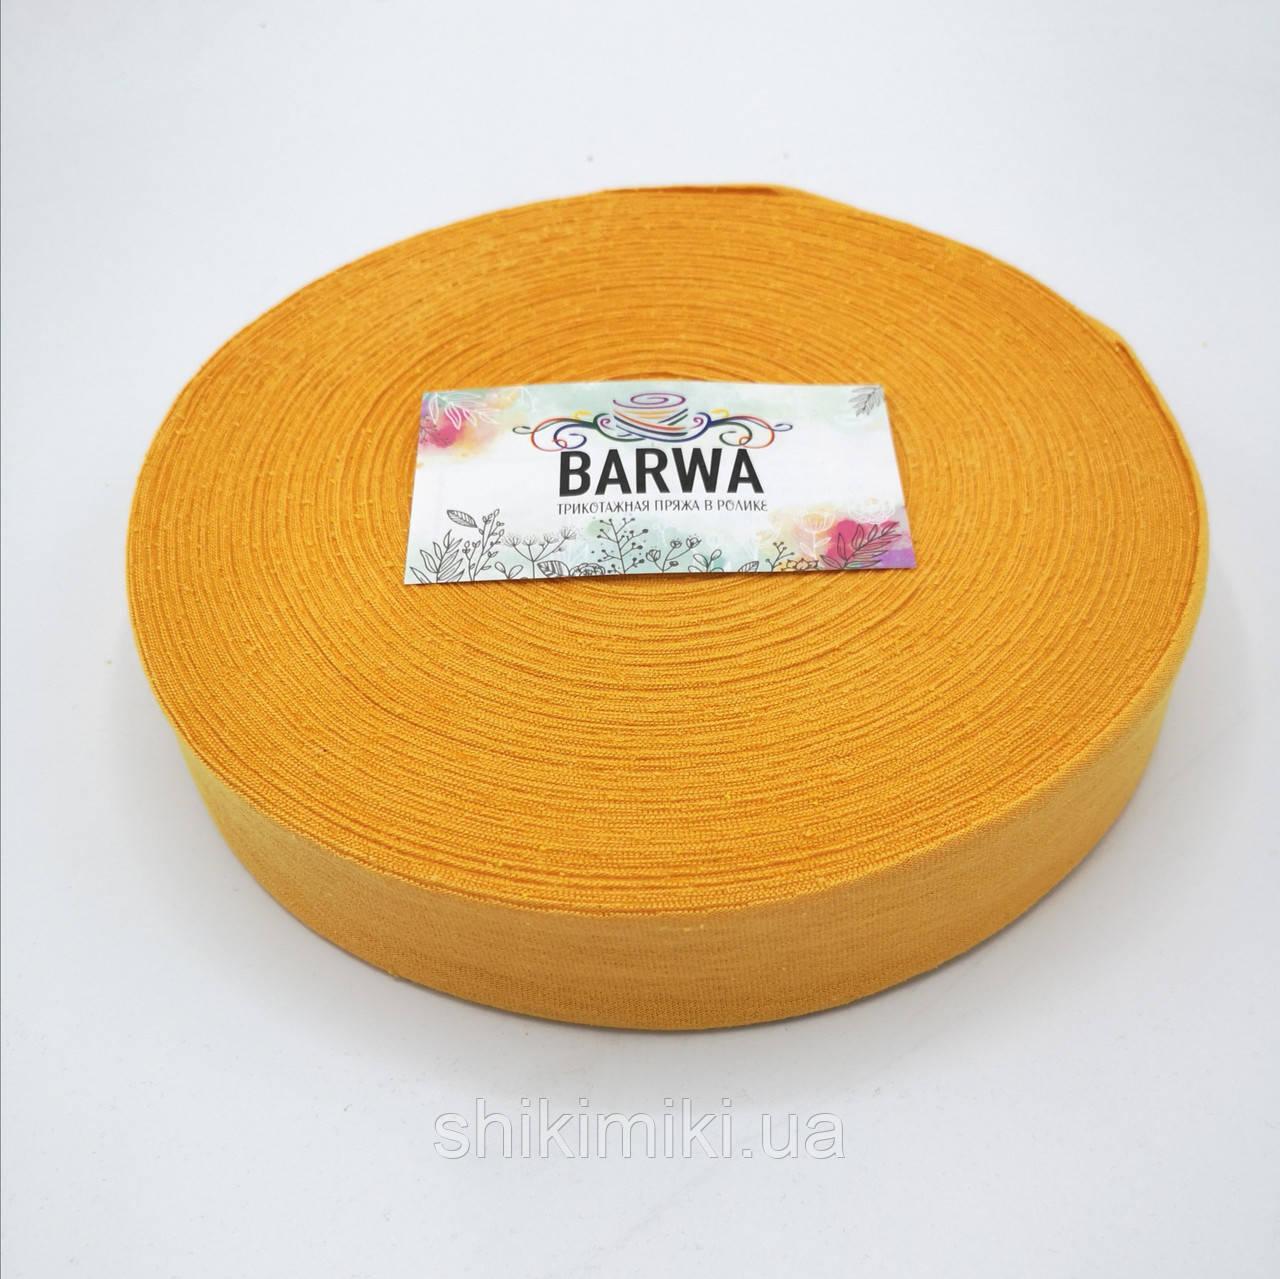 Трикотажная пряжа Barwa в роликах, цвет Абрикос